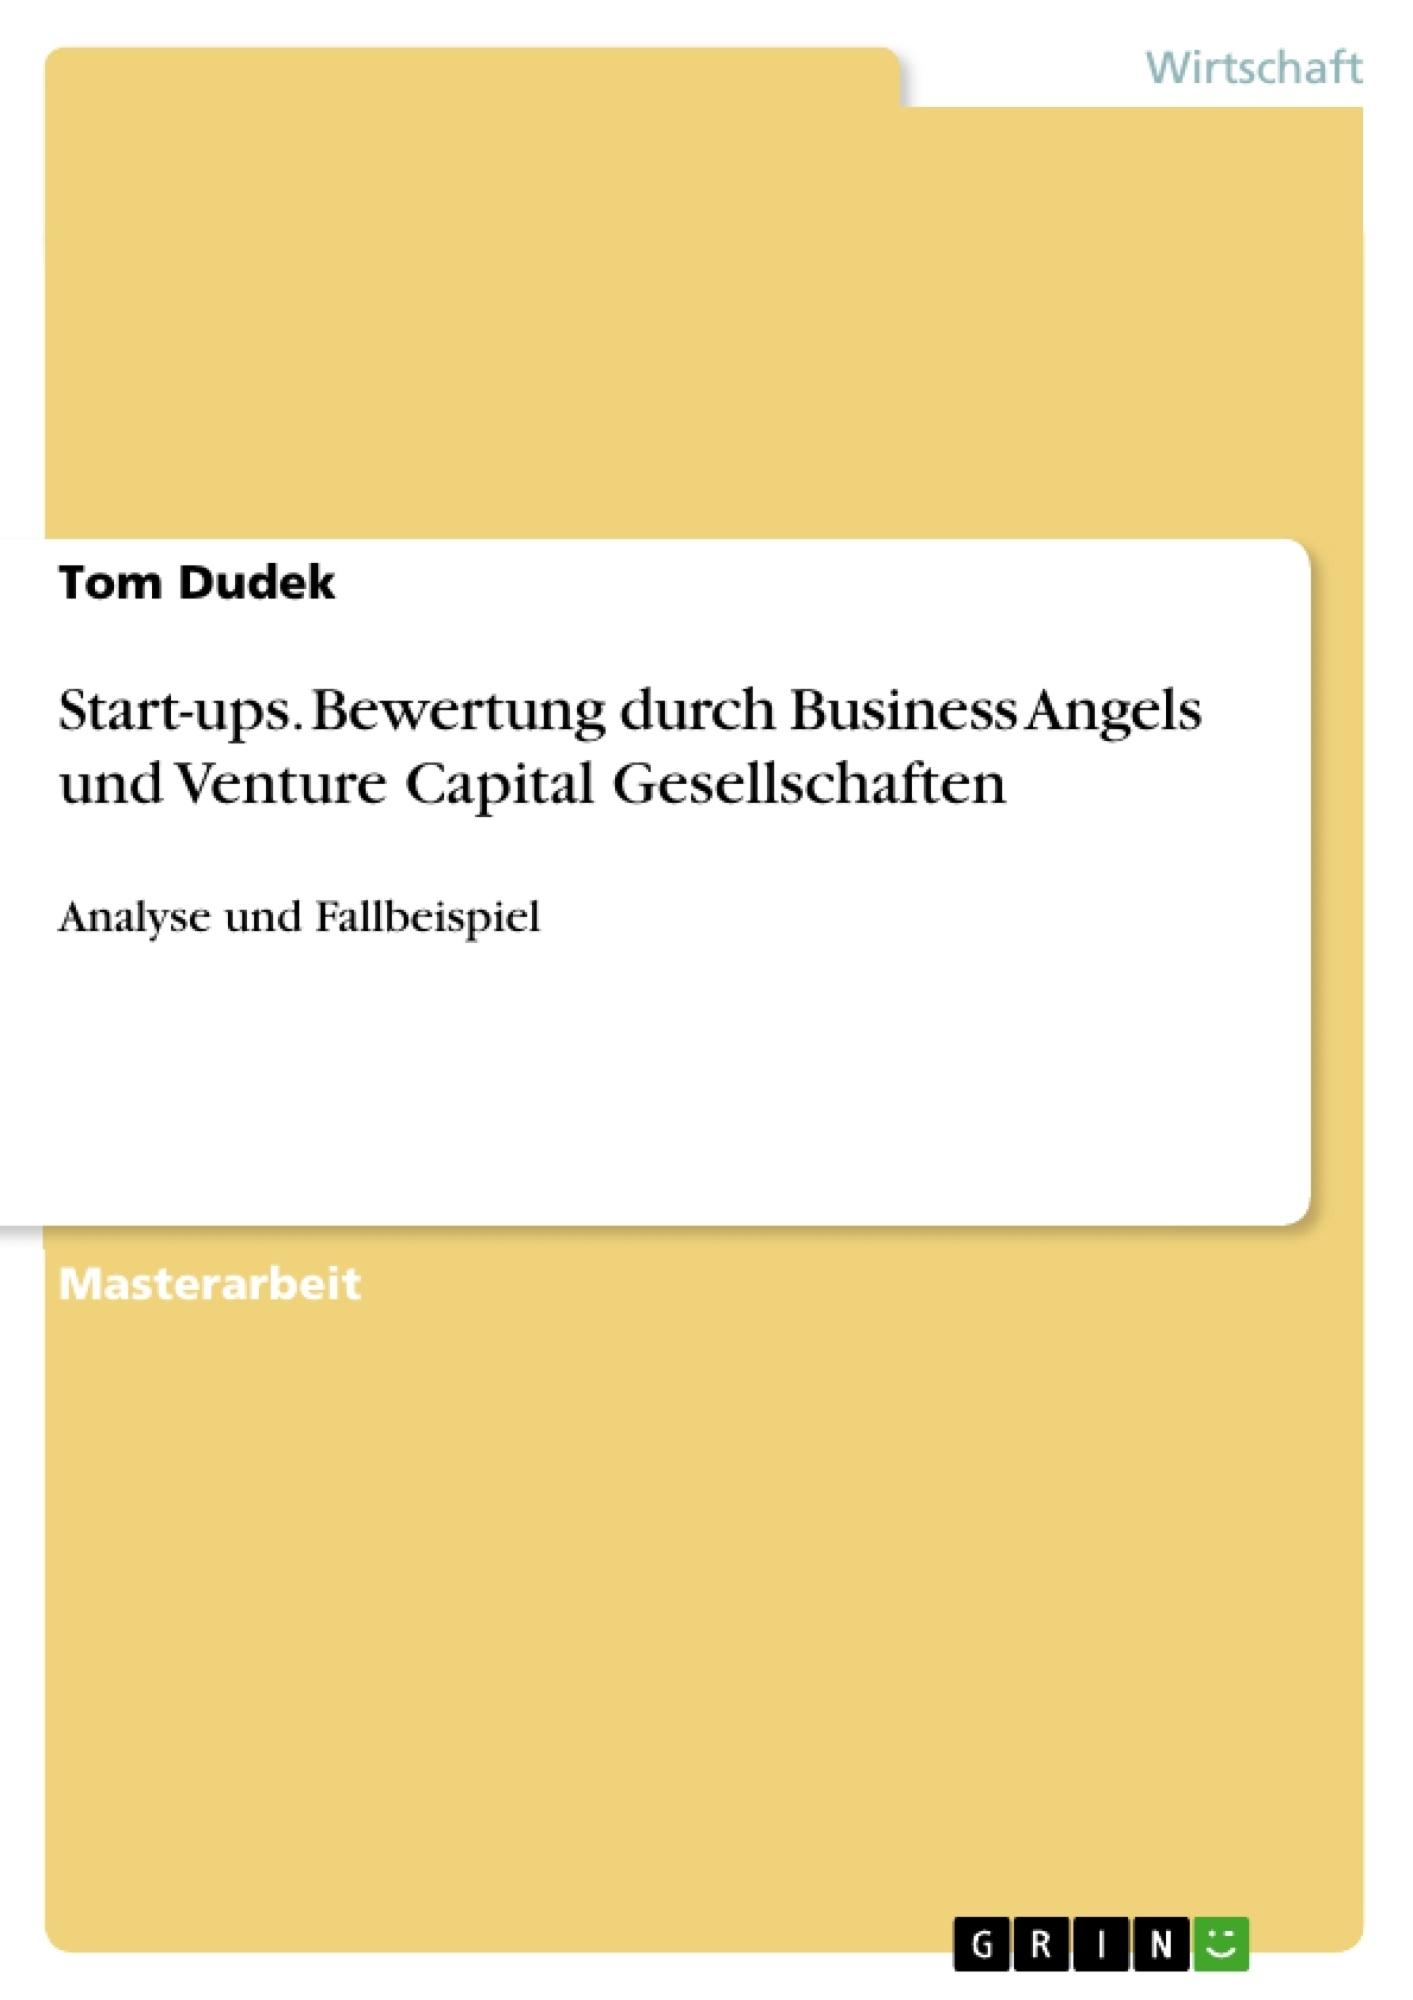 Titel: Start-ups. Bewertung durch Business Angels und Venture Capital Gesellschaften